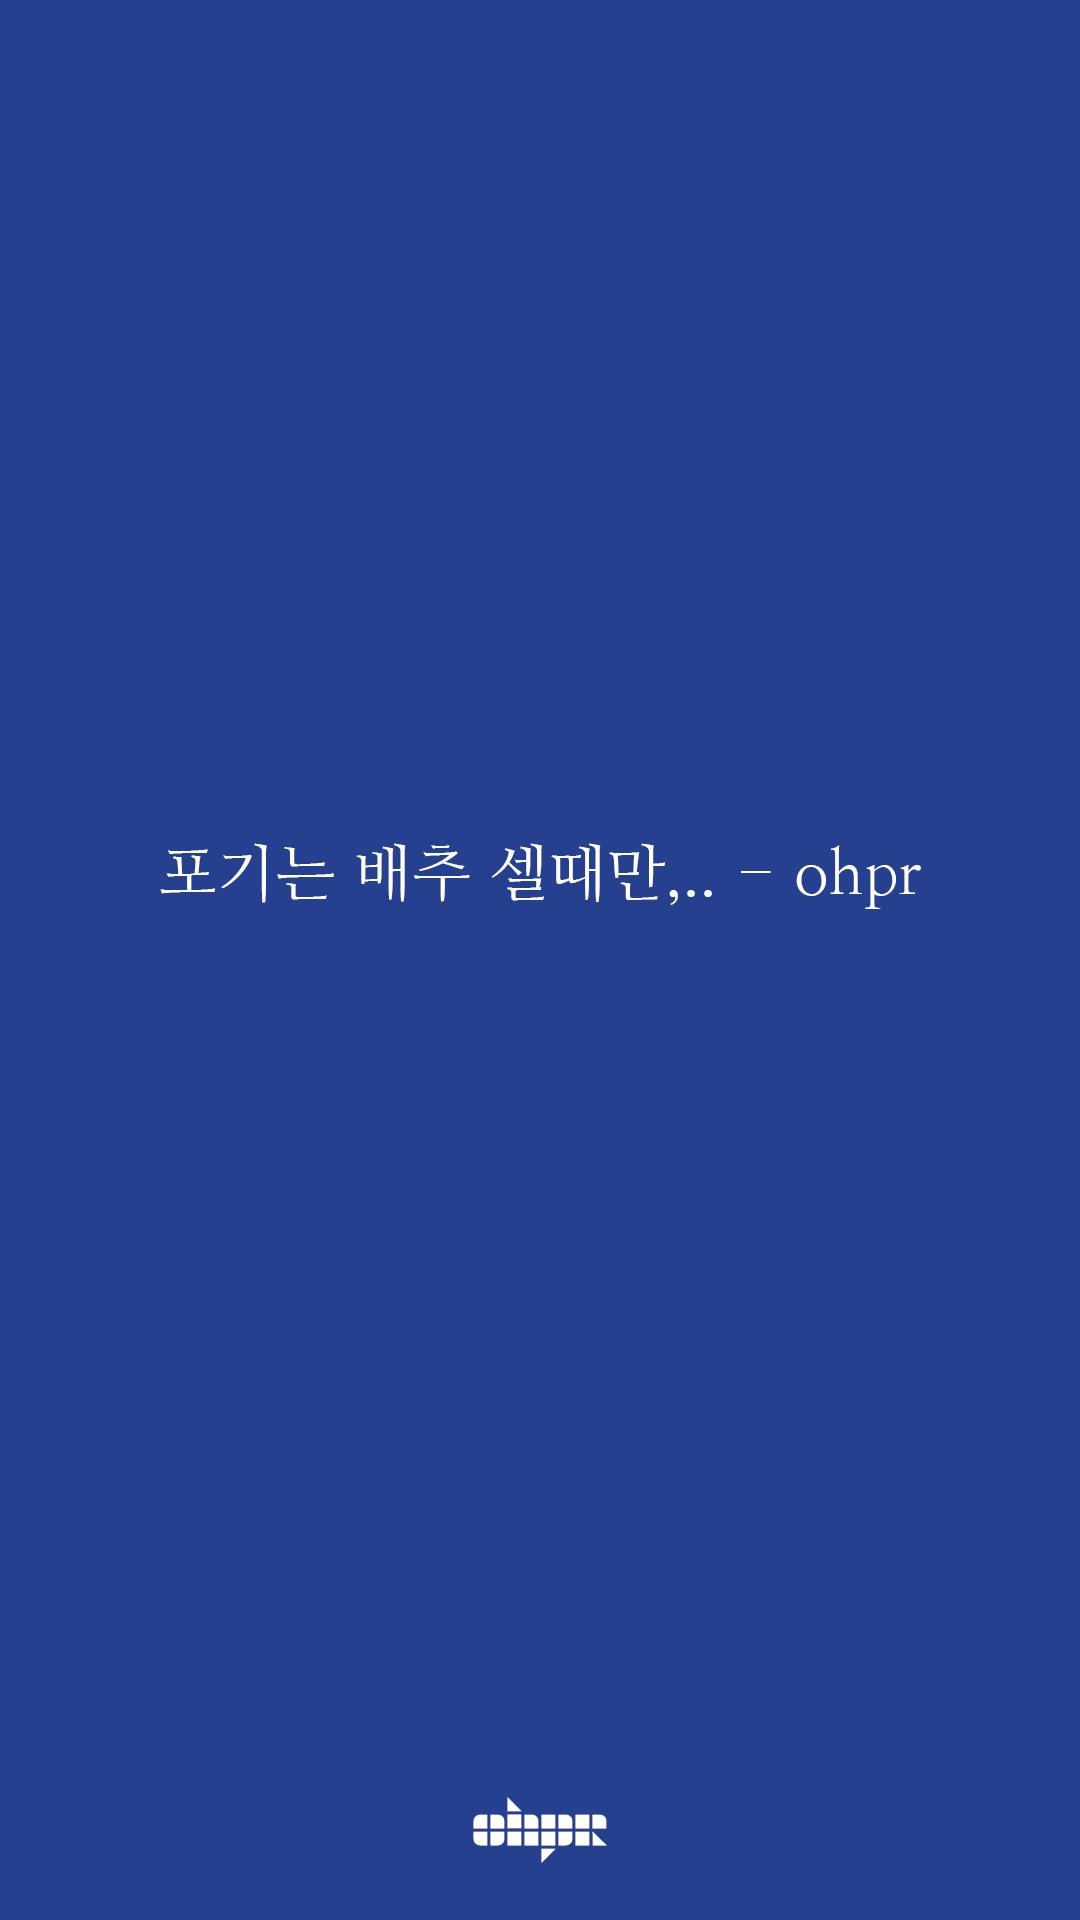 ohpr_wording19